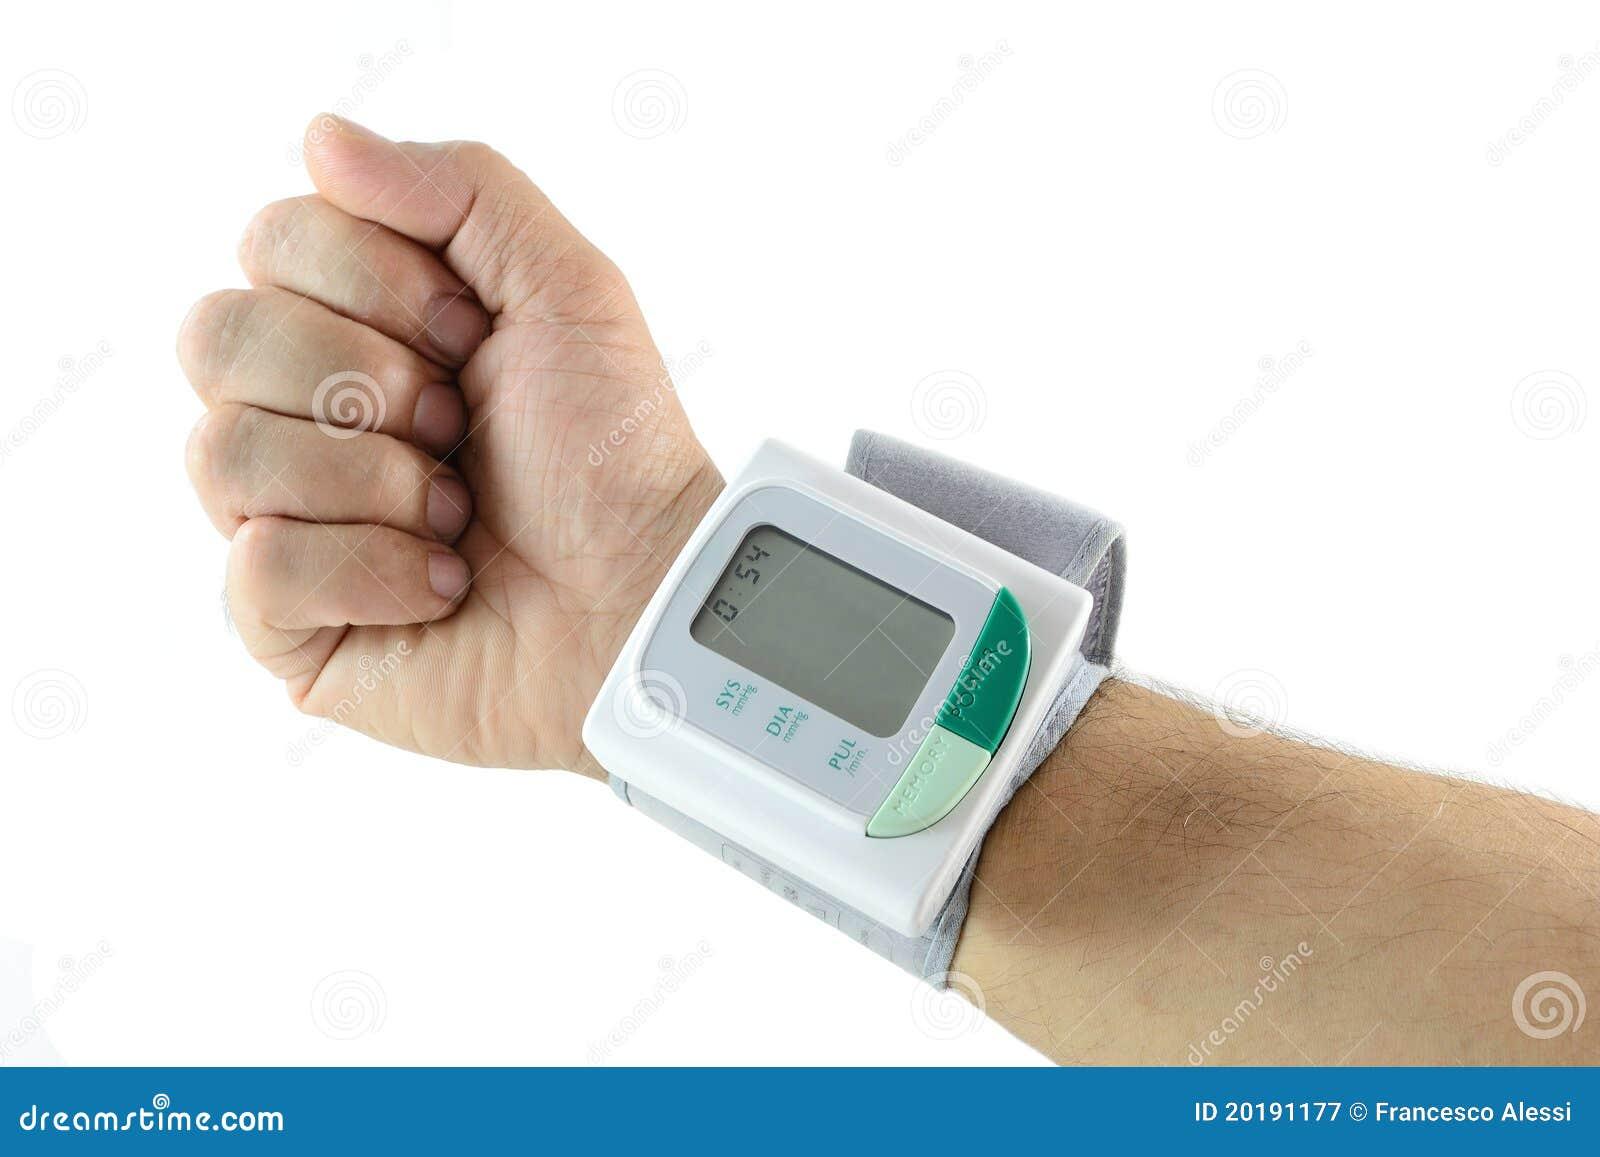 Blood pressure meter on wrist